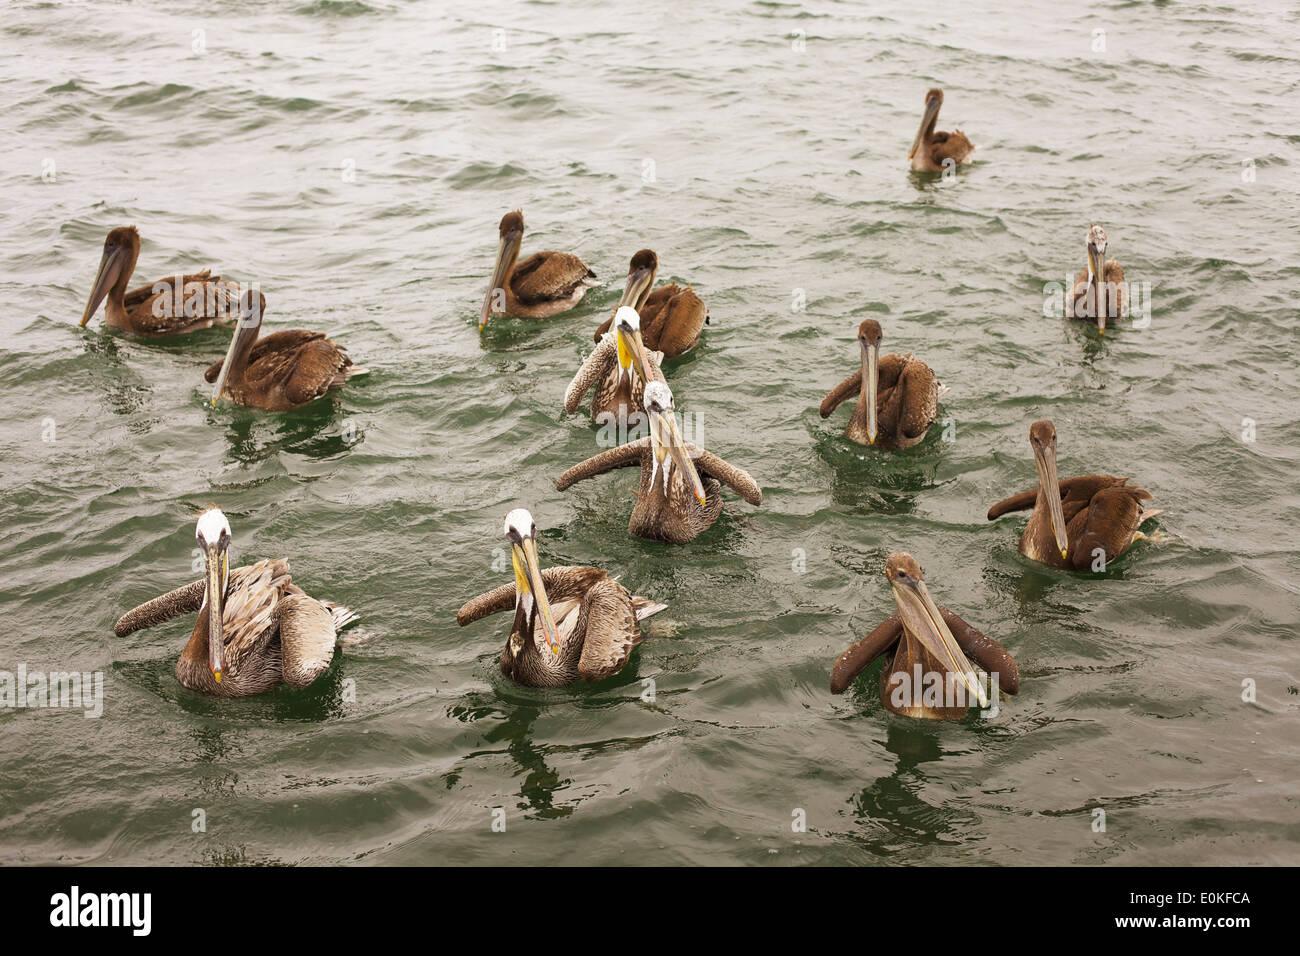 Eine Gruppe von neugierig braune Pelikane schwimmen in einer Gruppe auf den Pazifischen Ozean in San Diego, Kalifornien. Stockfoto